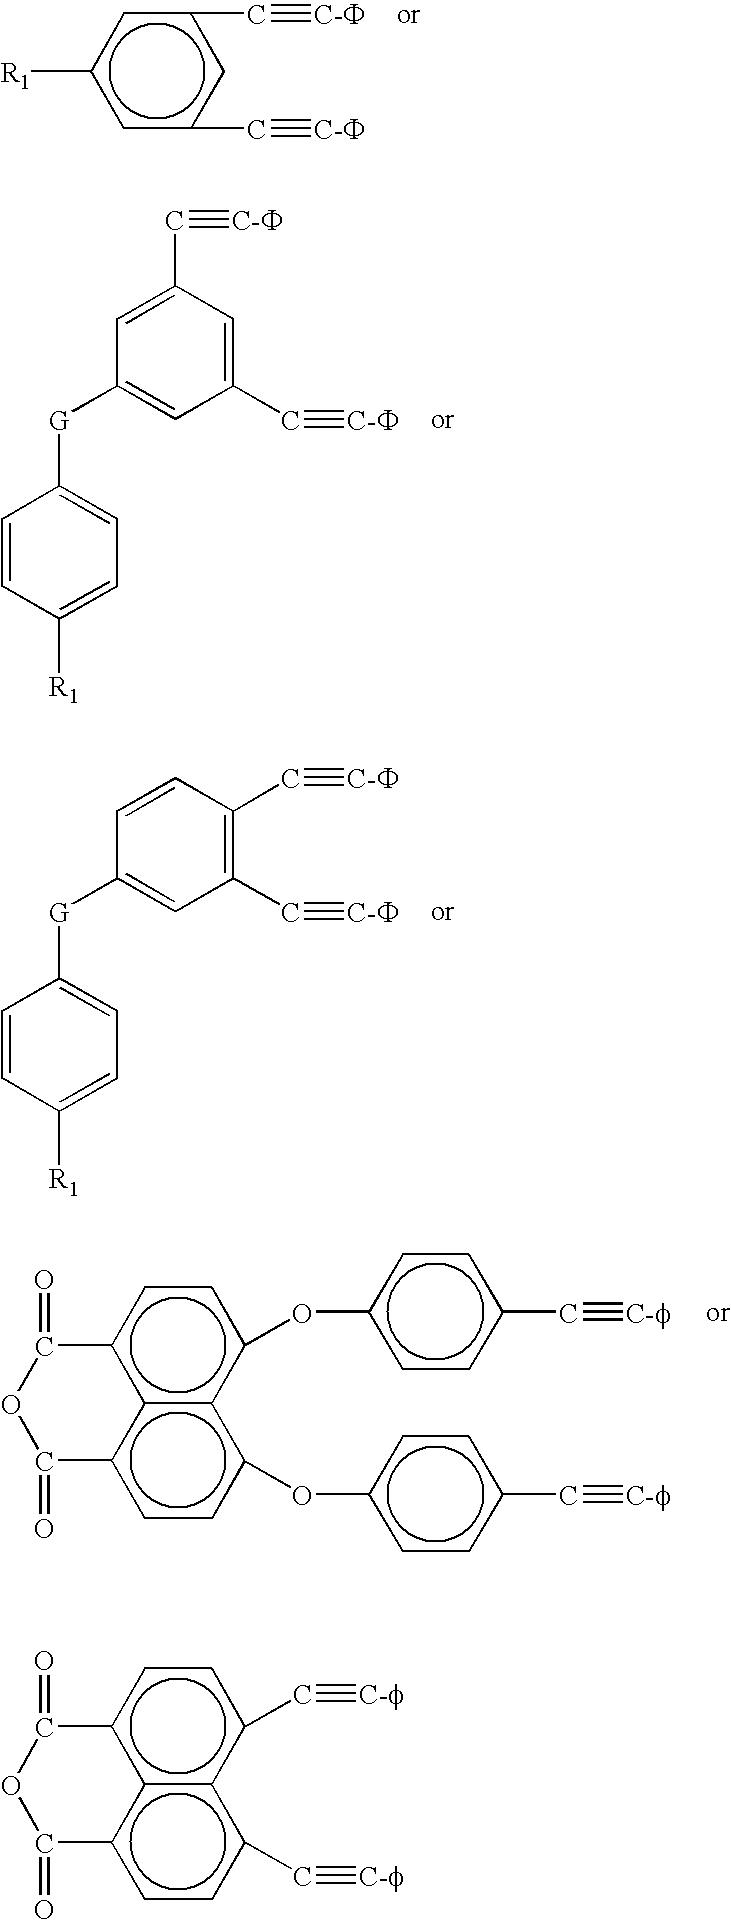 Figure US20100204412A1-20100812-C00041